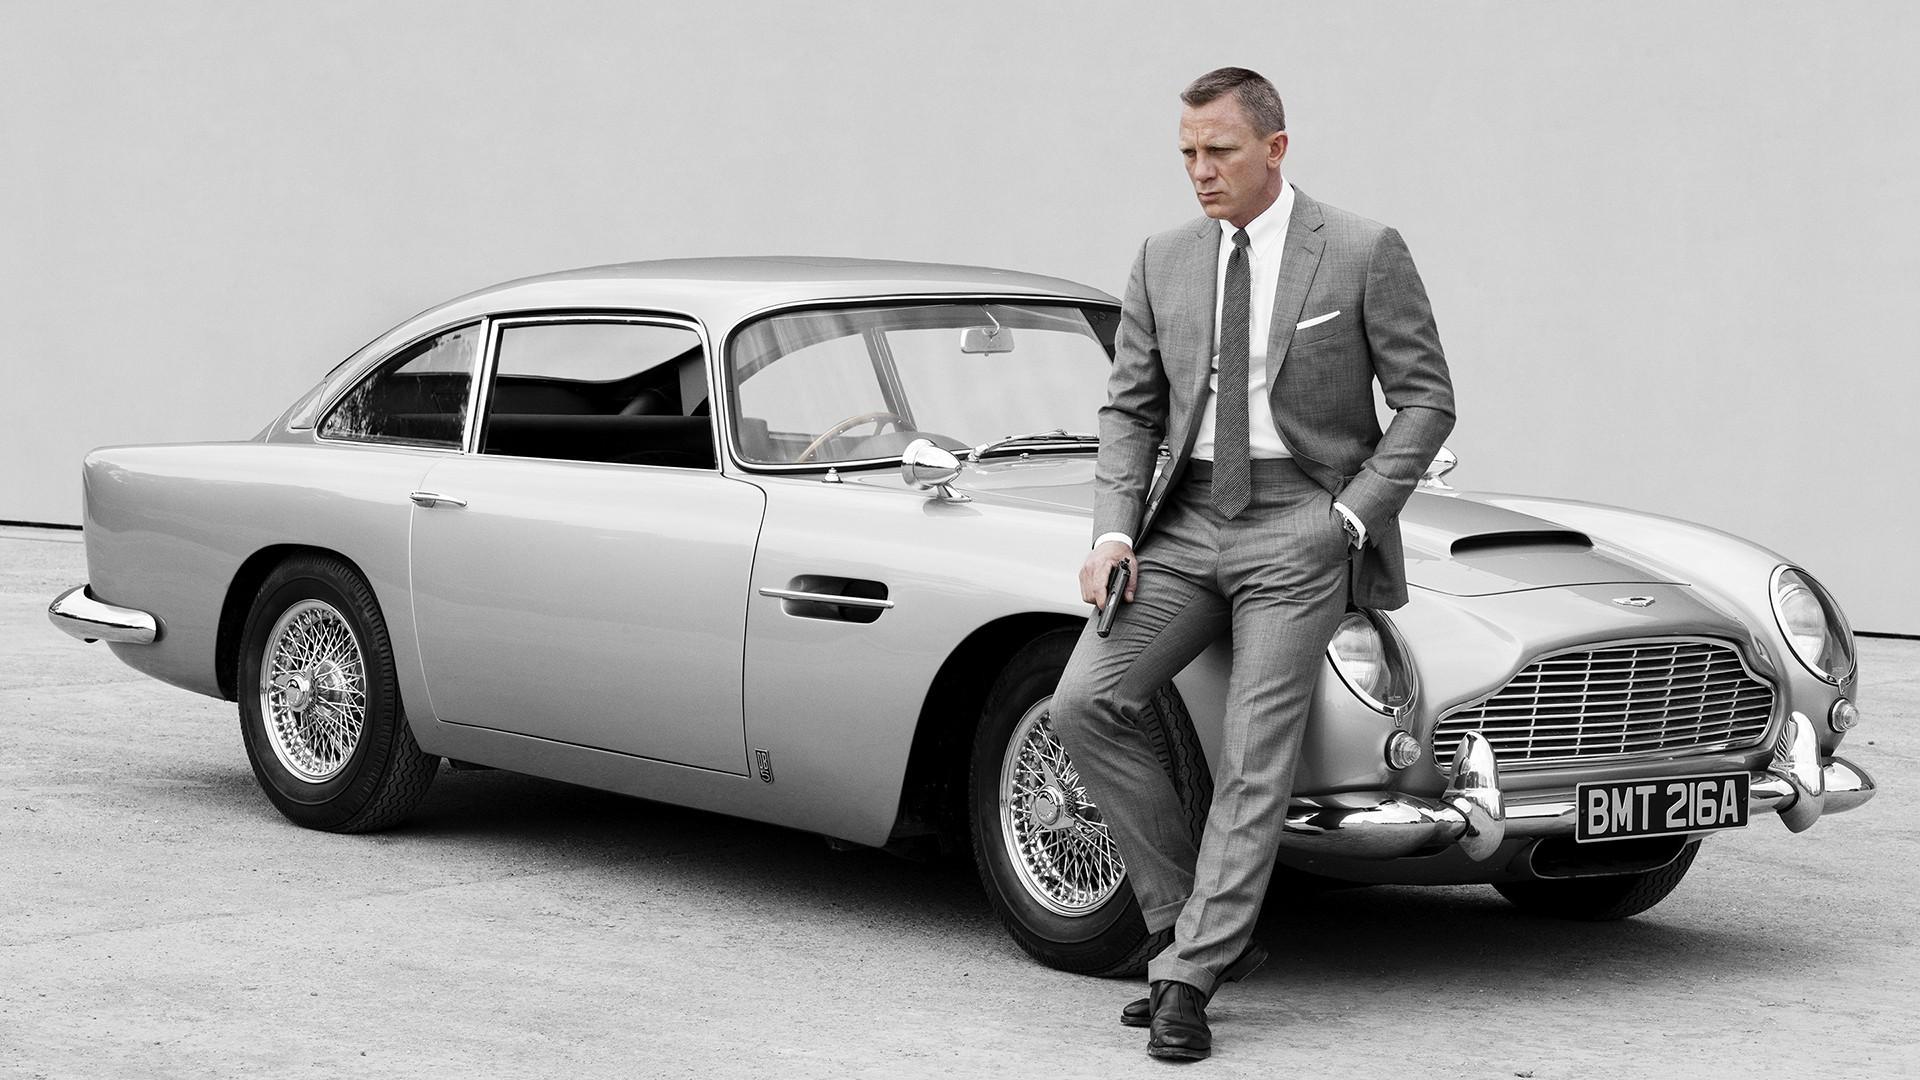 Aston Marton DB5